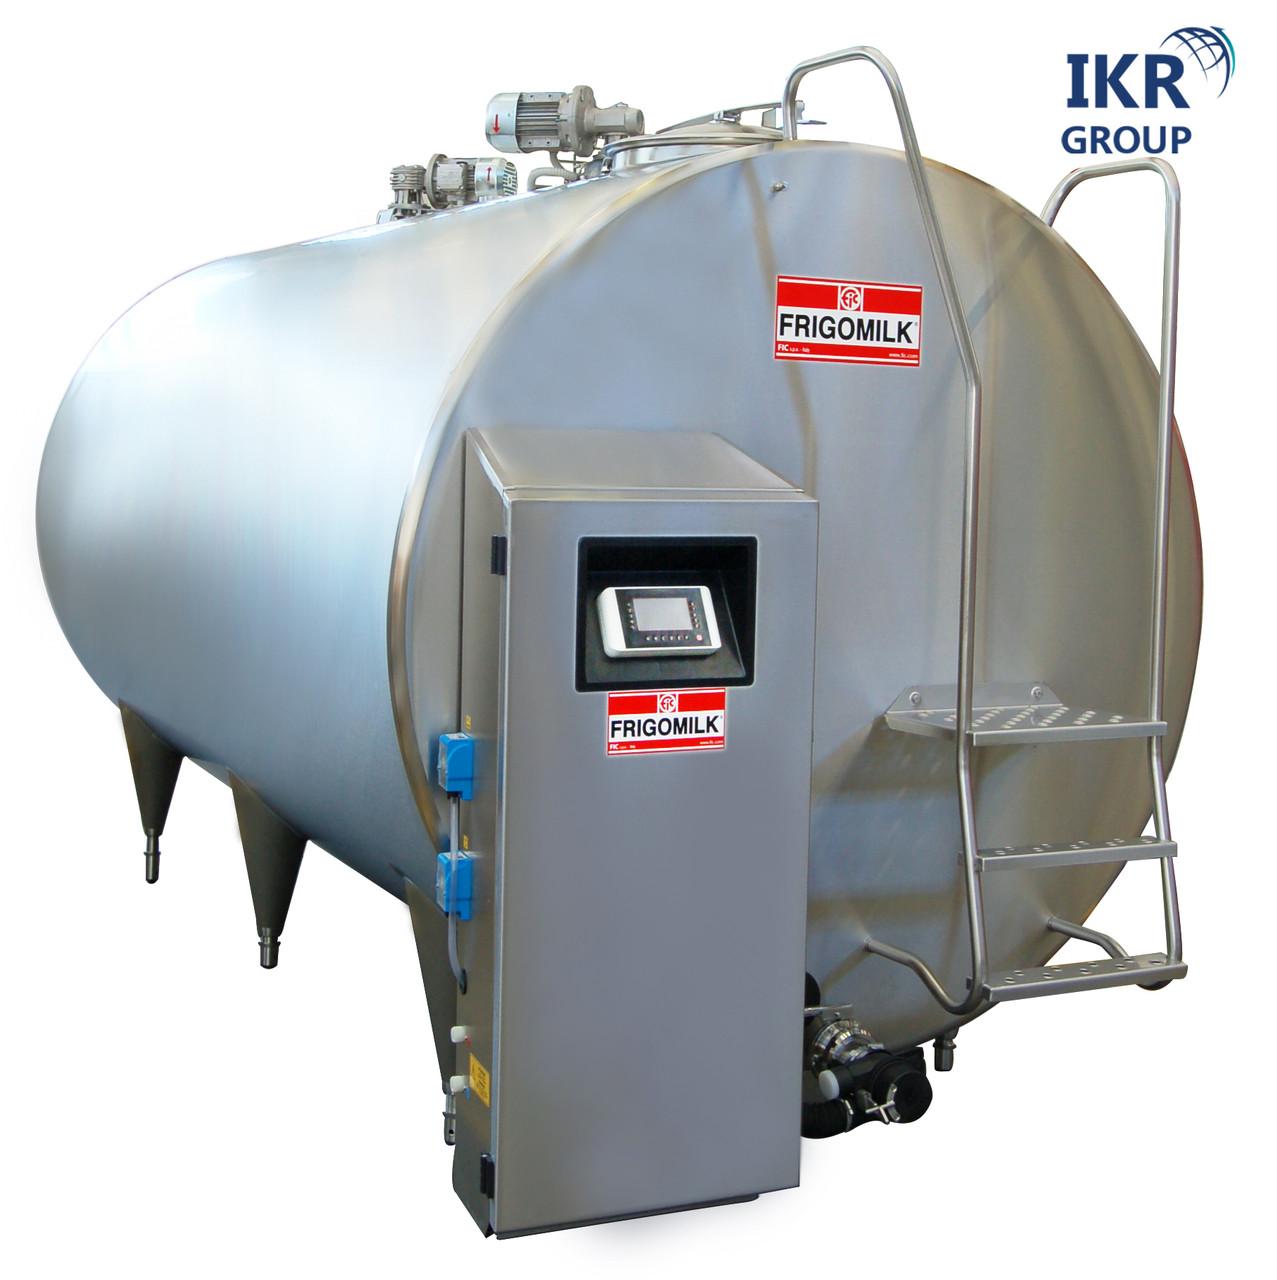 Танк охладитель молока новый Frigomilk G9 объемом 10000 литров